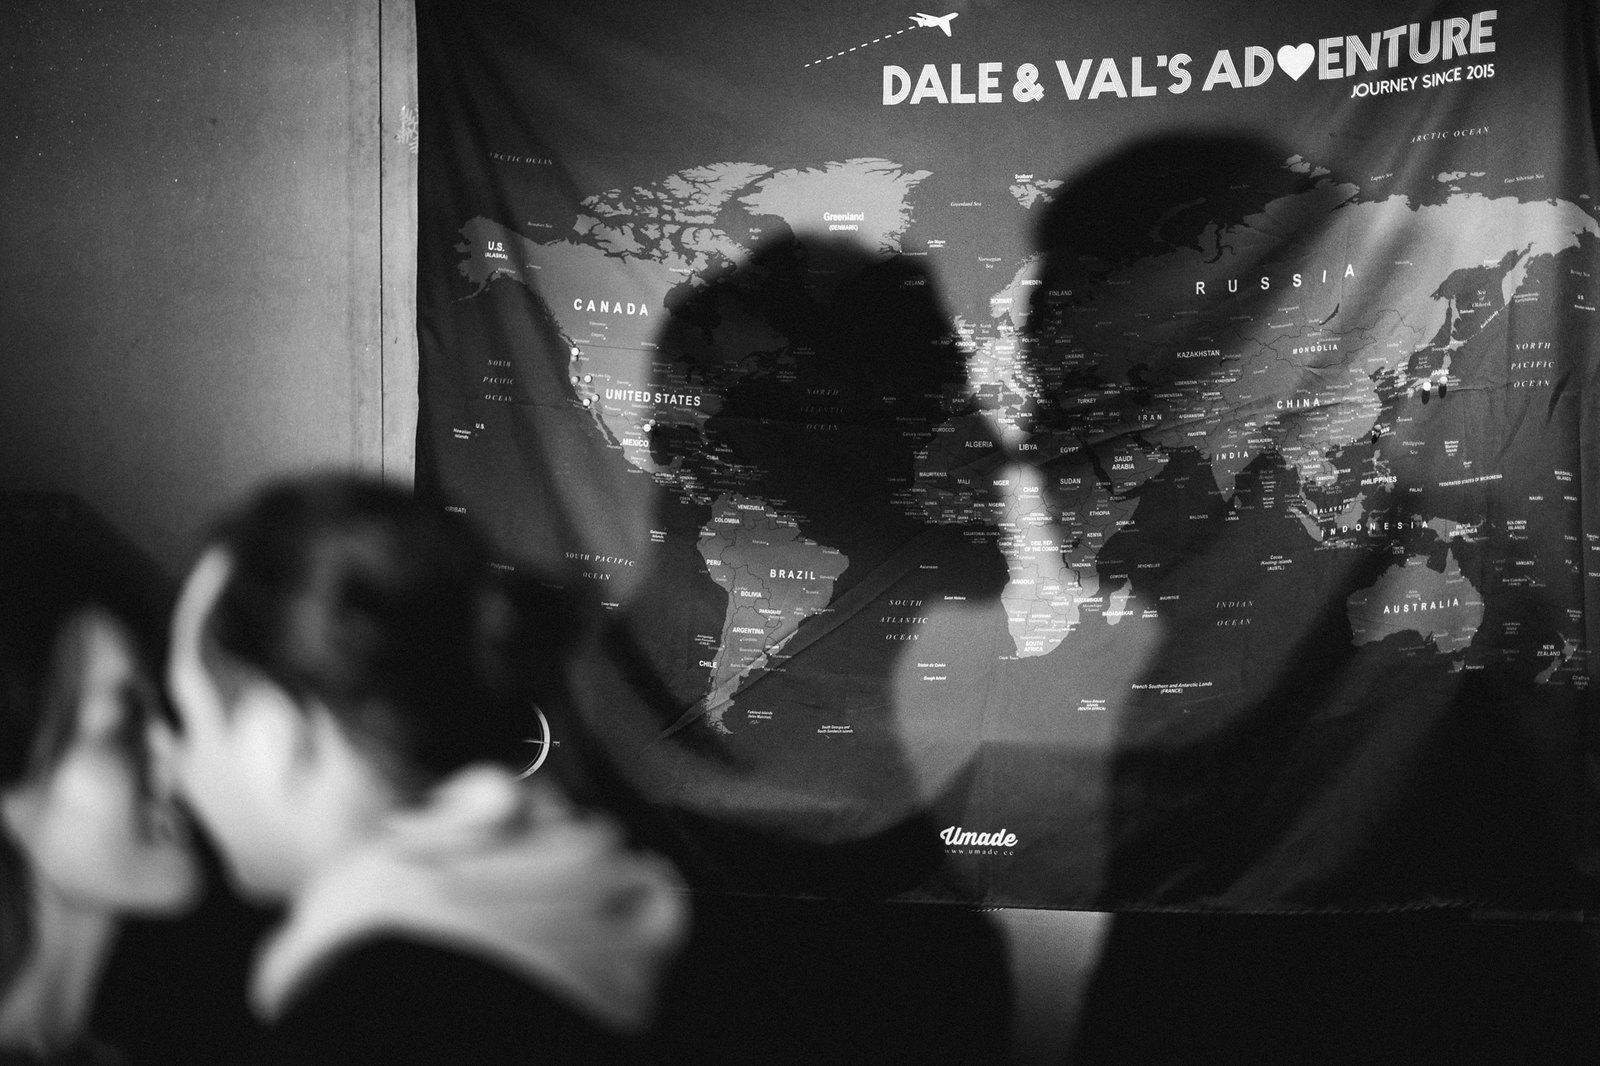 【婚紗】Dale & Valerie / 婚紗意象 / F&P studio / Queen's Time 好時光